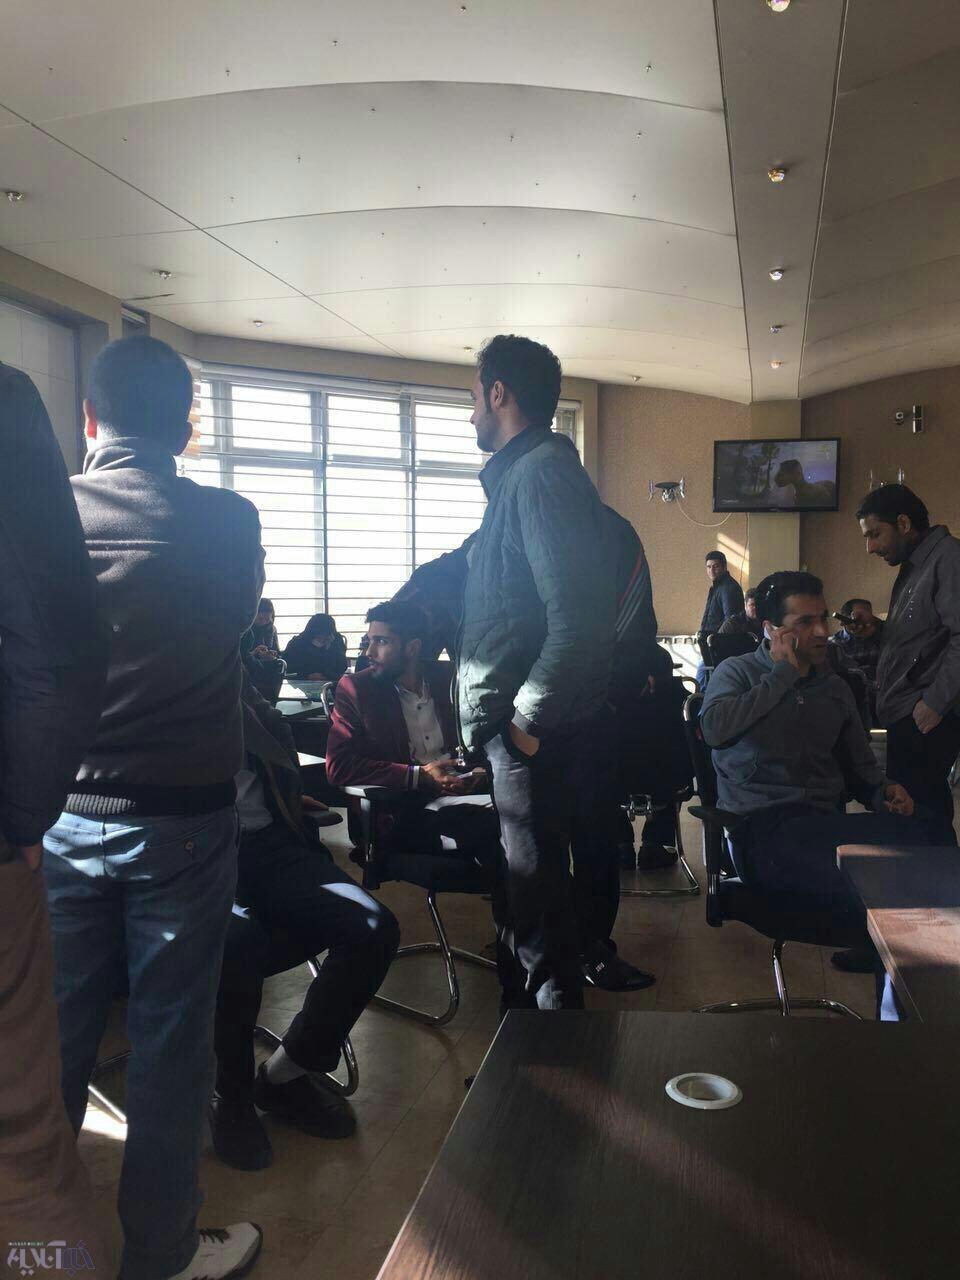 دفتر مرکزی شرکت پدیده شاندیز در مشهد به تسخیر طلبکاران درآمد/تحصن تا تعیین تکلیف